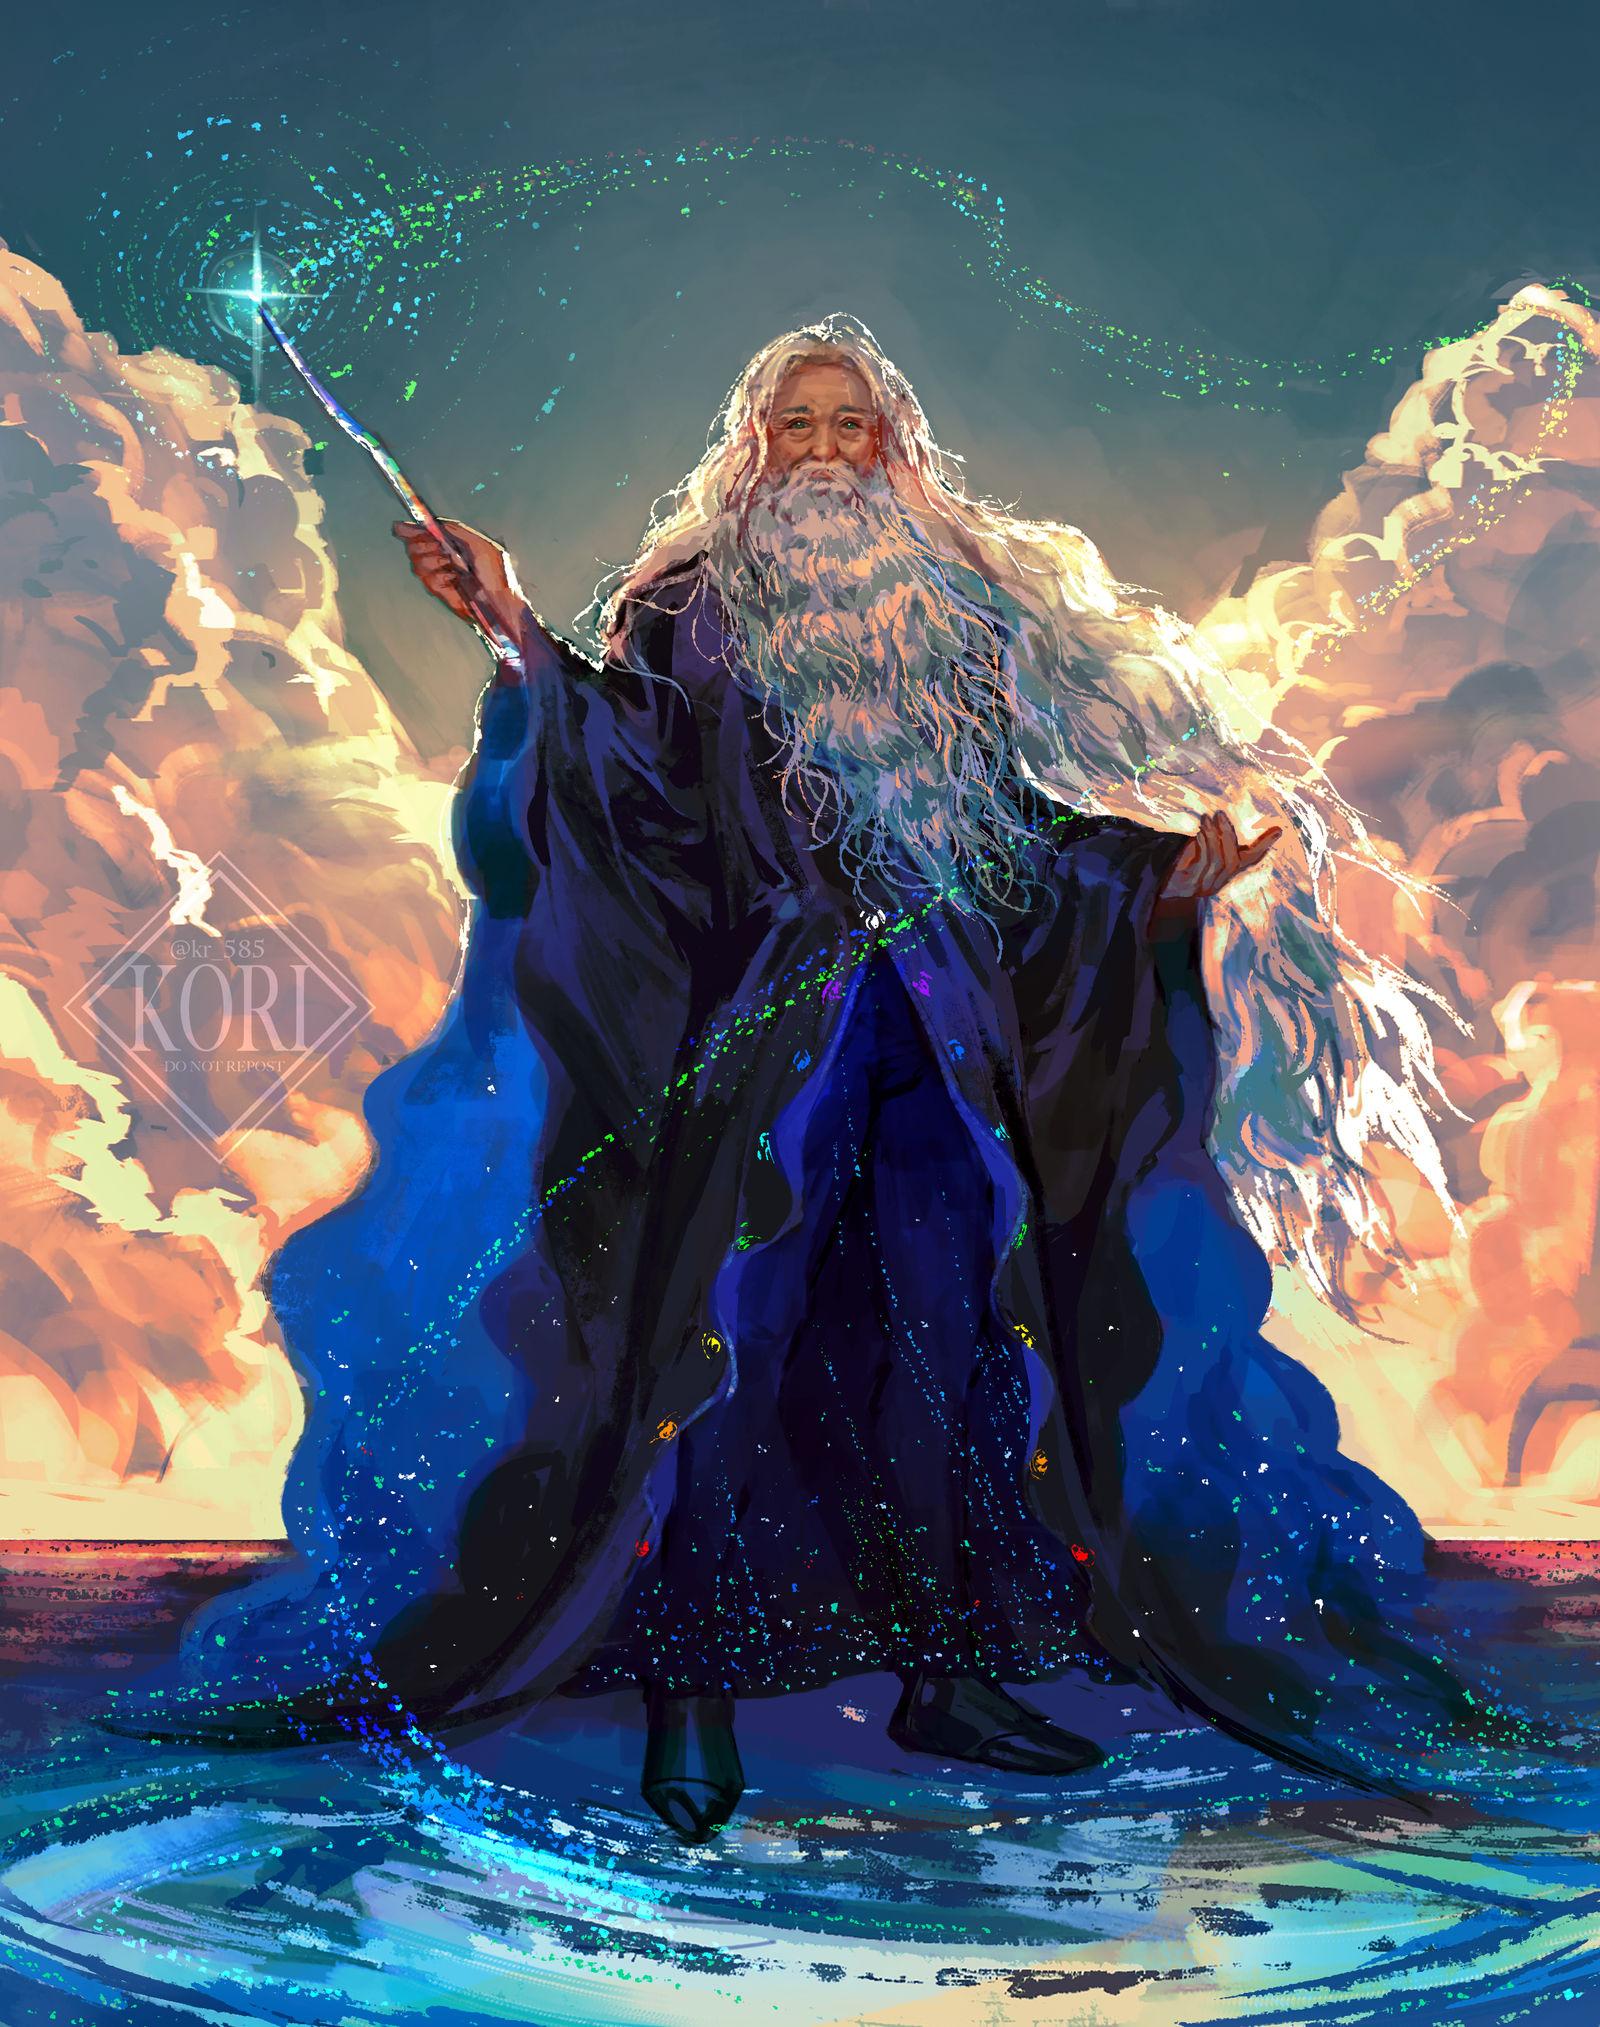 Философия в картинках - Страница 35 Crystal_wizard_by_kori_z_dej1vvu-fullview.jpg?token=eyJ0eXAiOiJKV1QiLCJhbGciOiJIUzI1NiJ9.eyJzdWIiOiJ1cm46YXBwOjdlMGQxODg5ODIyNjQzNzNhNWYwZDQxNWVhMGQyNmUwIiwiaXNzIjoidXJuOmFwcDo3ZTBkMTg4OTgyMjY0MzczYTVmMGQ0MTVlYTBkMjZlMCIsIm9iaiI6W1t7ImhlaWdodCI6Ijw9MjAyNyIsInBhdGgiOiJcL2ZcL2Y5ZGEyZDY3LTc3N2YtNGE4MS1iNDYwLWZkMzE0YmExZWNiOFwvZGVqMXZ2dS0xYzQzOGJlZC1iYTY4LTQ1ZWItOGZjZi0wZjc2Zjg0ODNlMGYucG5nIiwid2lkdGgiOiI8PTE2MDAifV1dLCJhdWQiOlsidXJuOnNlcnZpY2U6aW1hZ2Uub3BlcmF0aW9ucyJdfQ